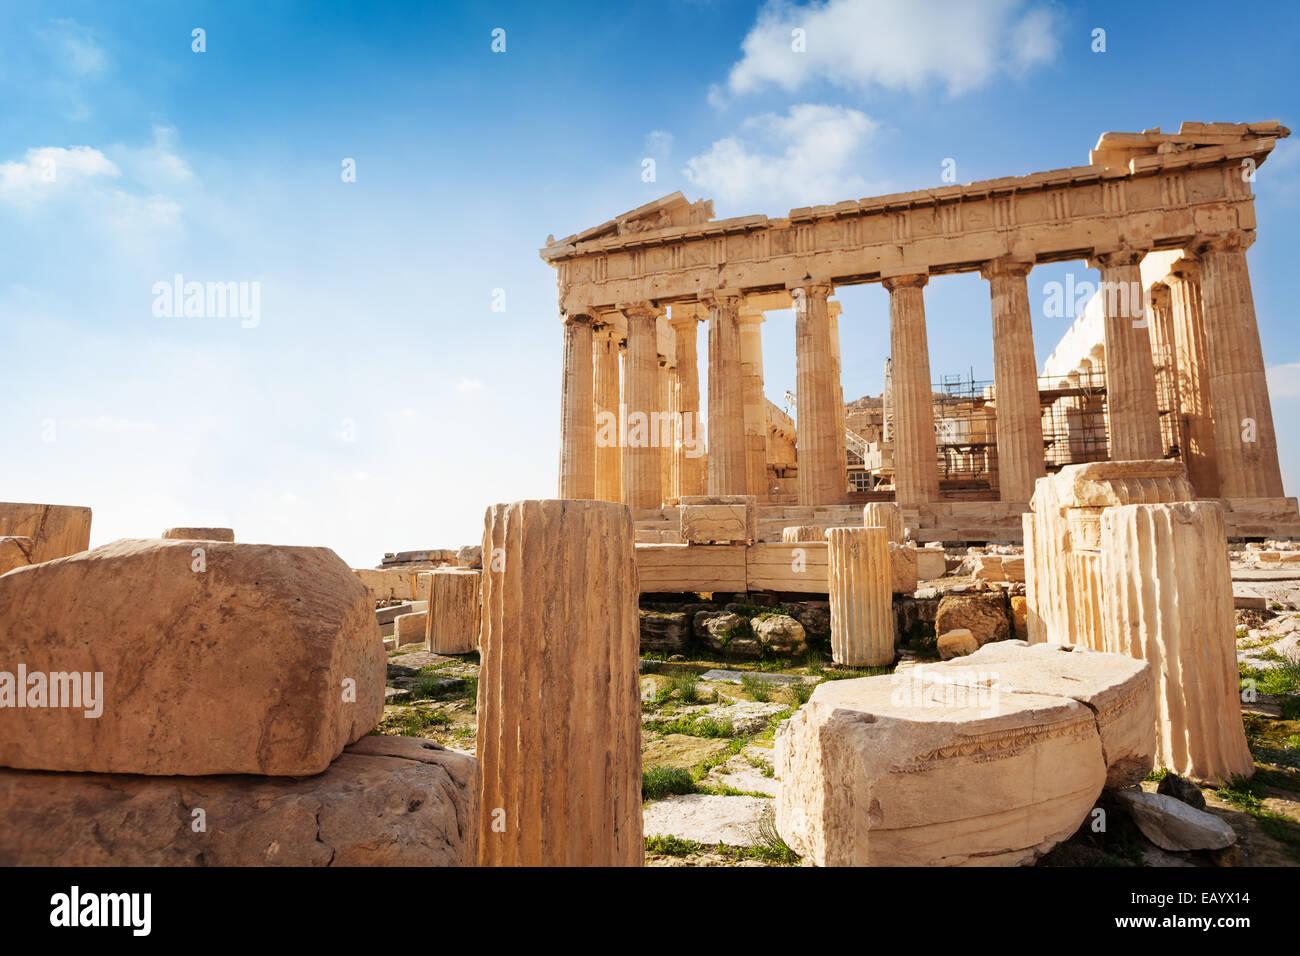 Acropole d'Athènes en Grèce au cours de l'été Photo Stock